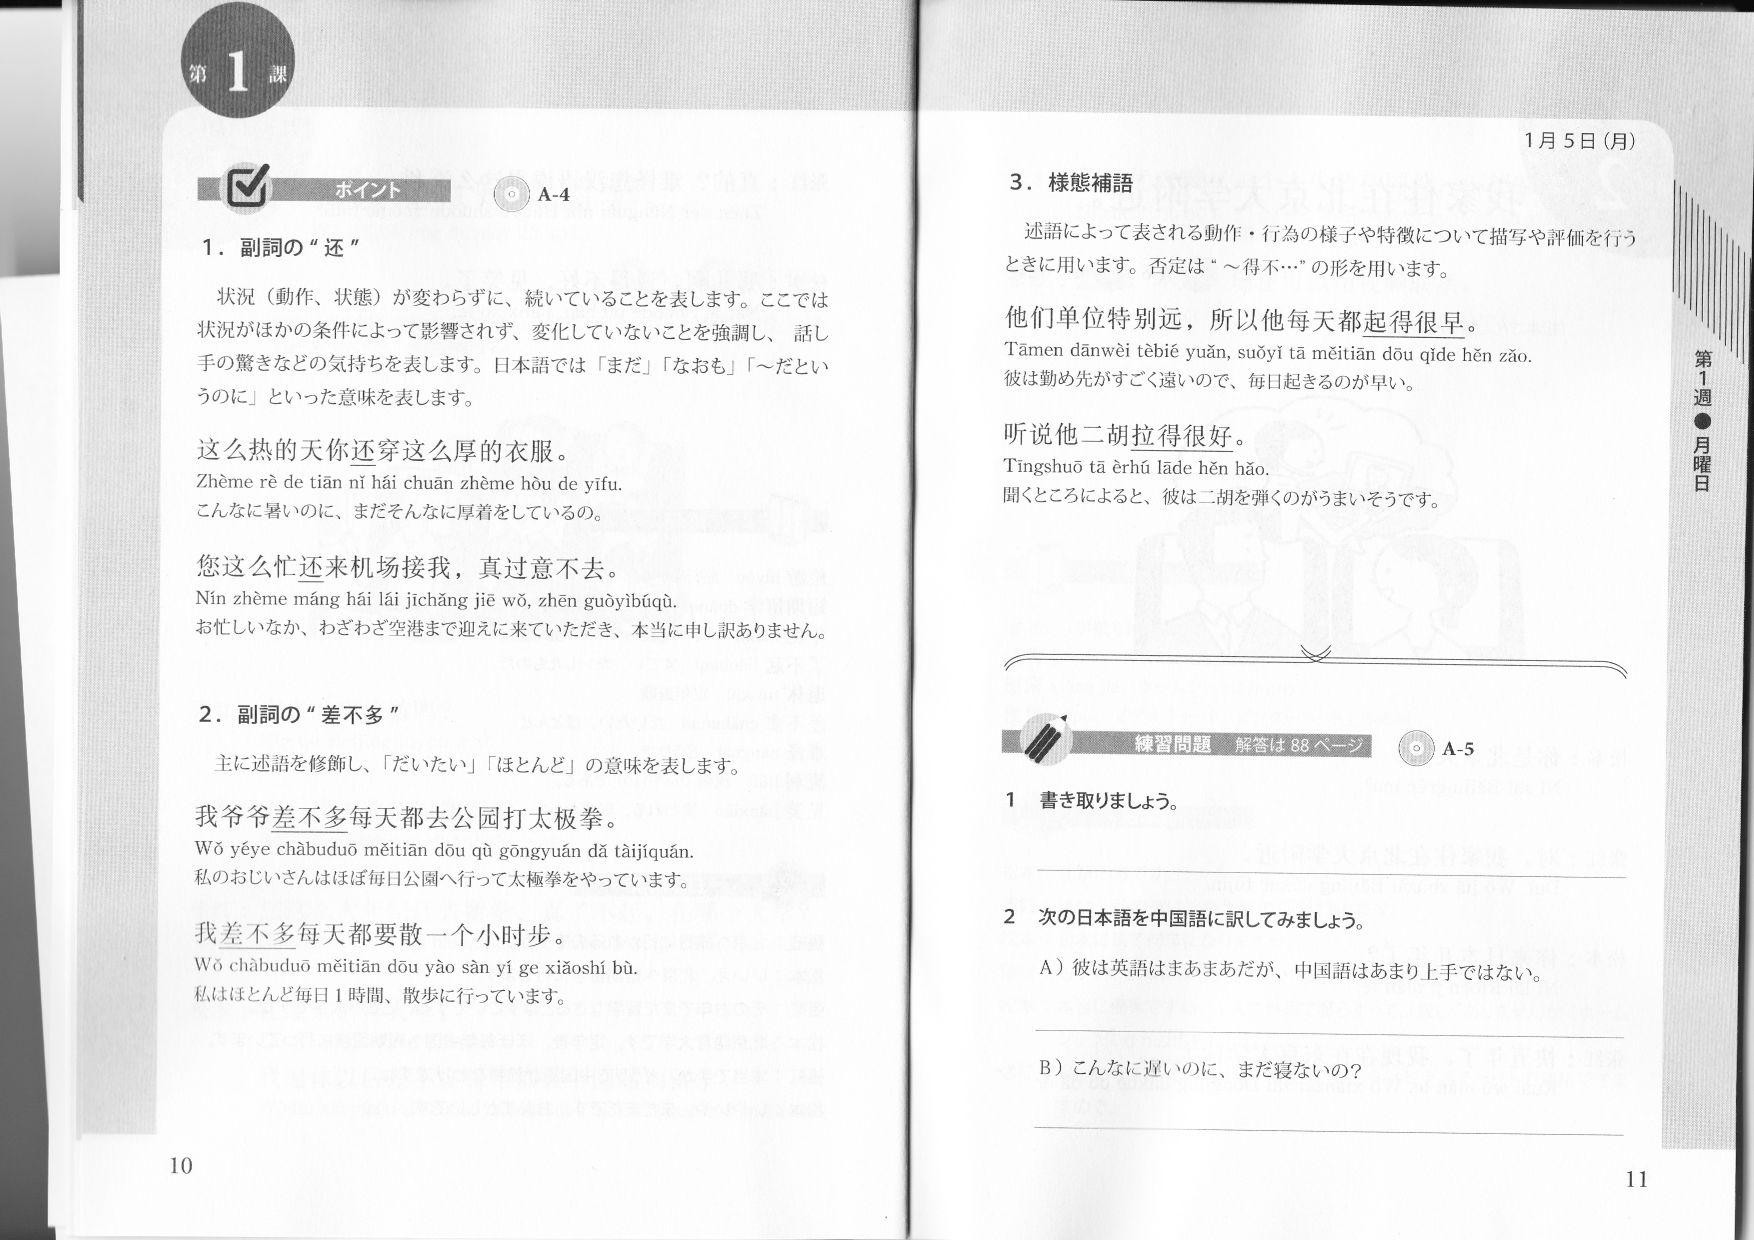 15-1月期のレベルアップ中国語は中位の喜び (14年12月21日)_c0059093_14291989.jpg